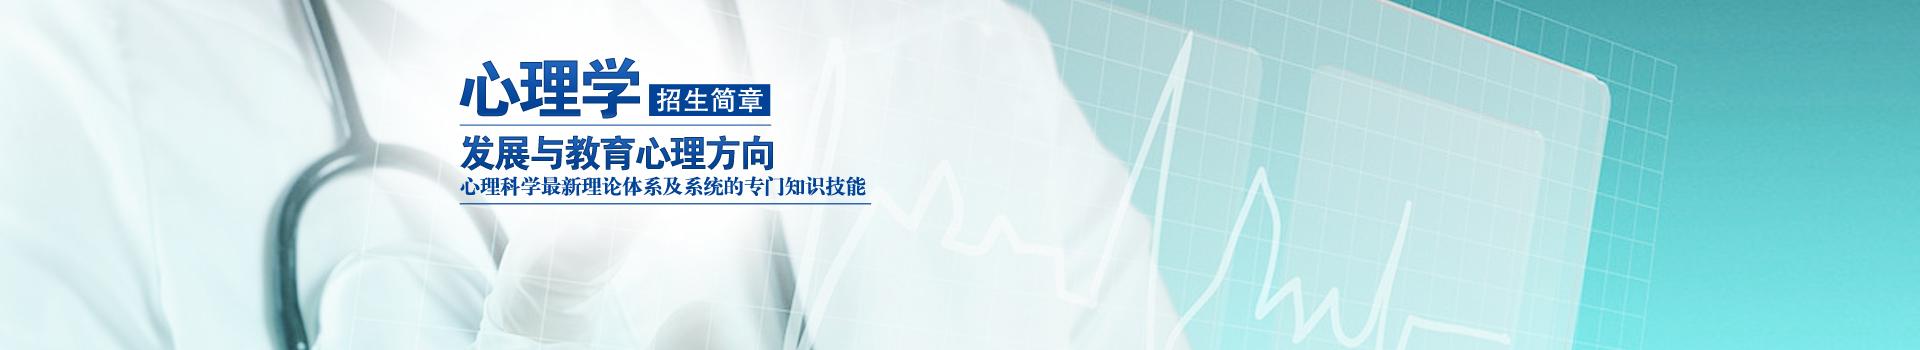 中国科学院心理研究所(发展与教育心理方向)高级研修班招生简章